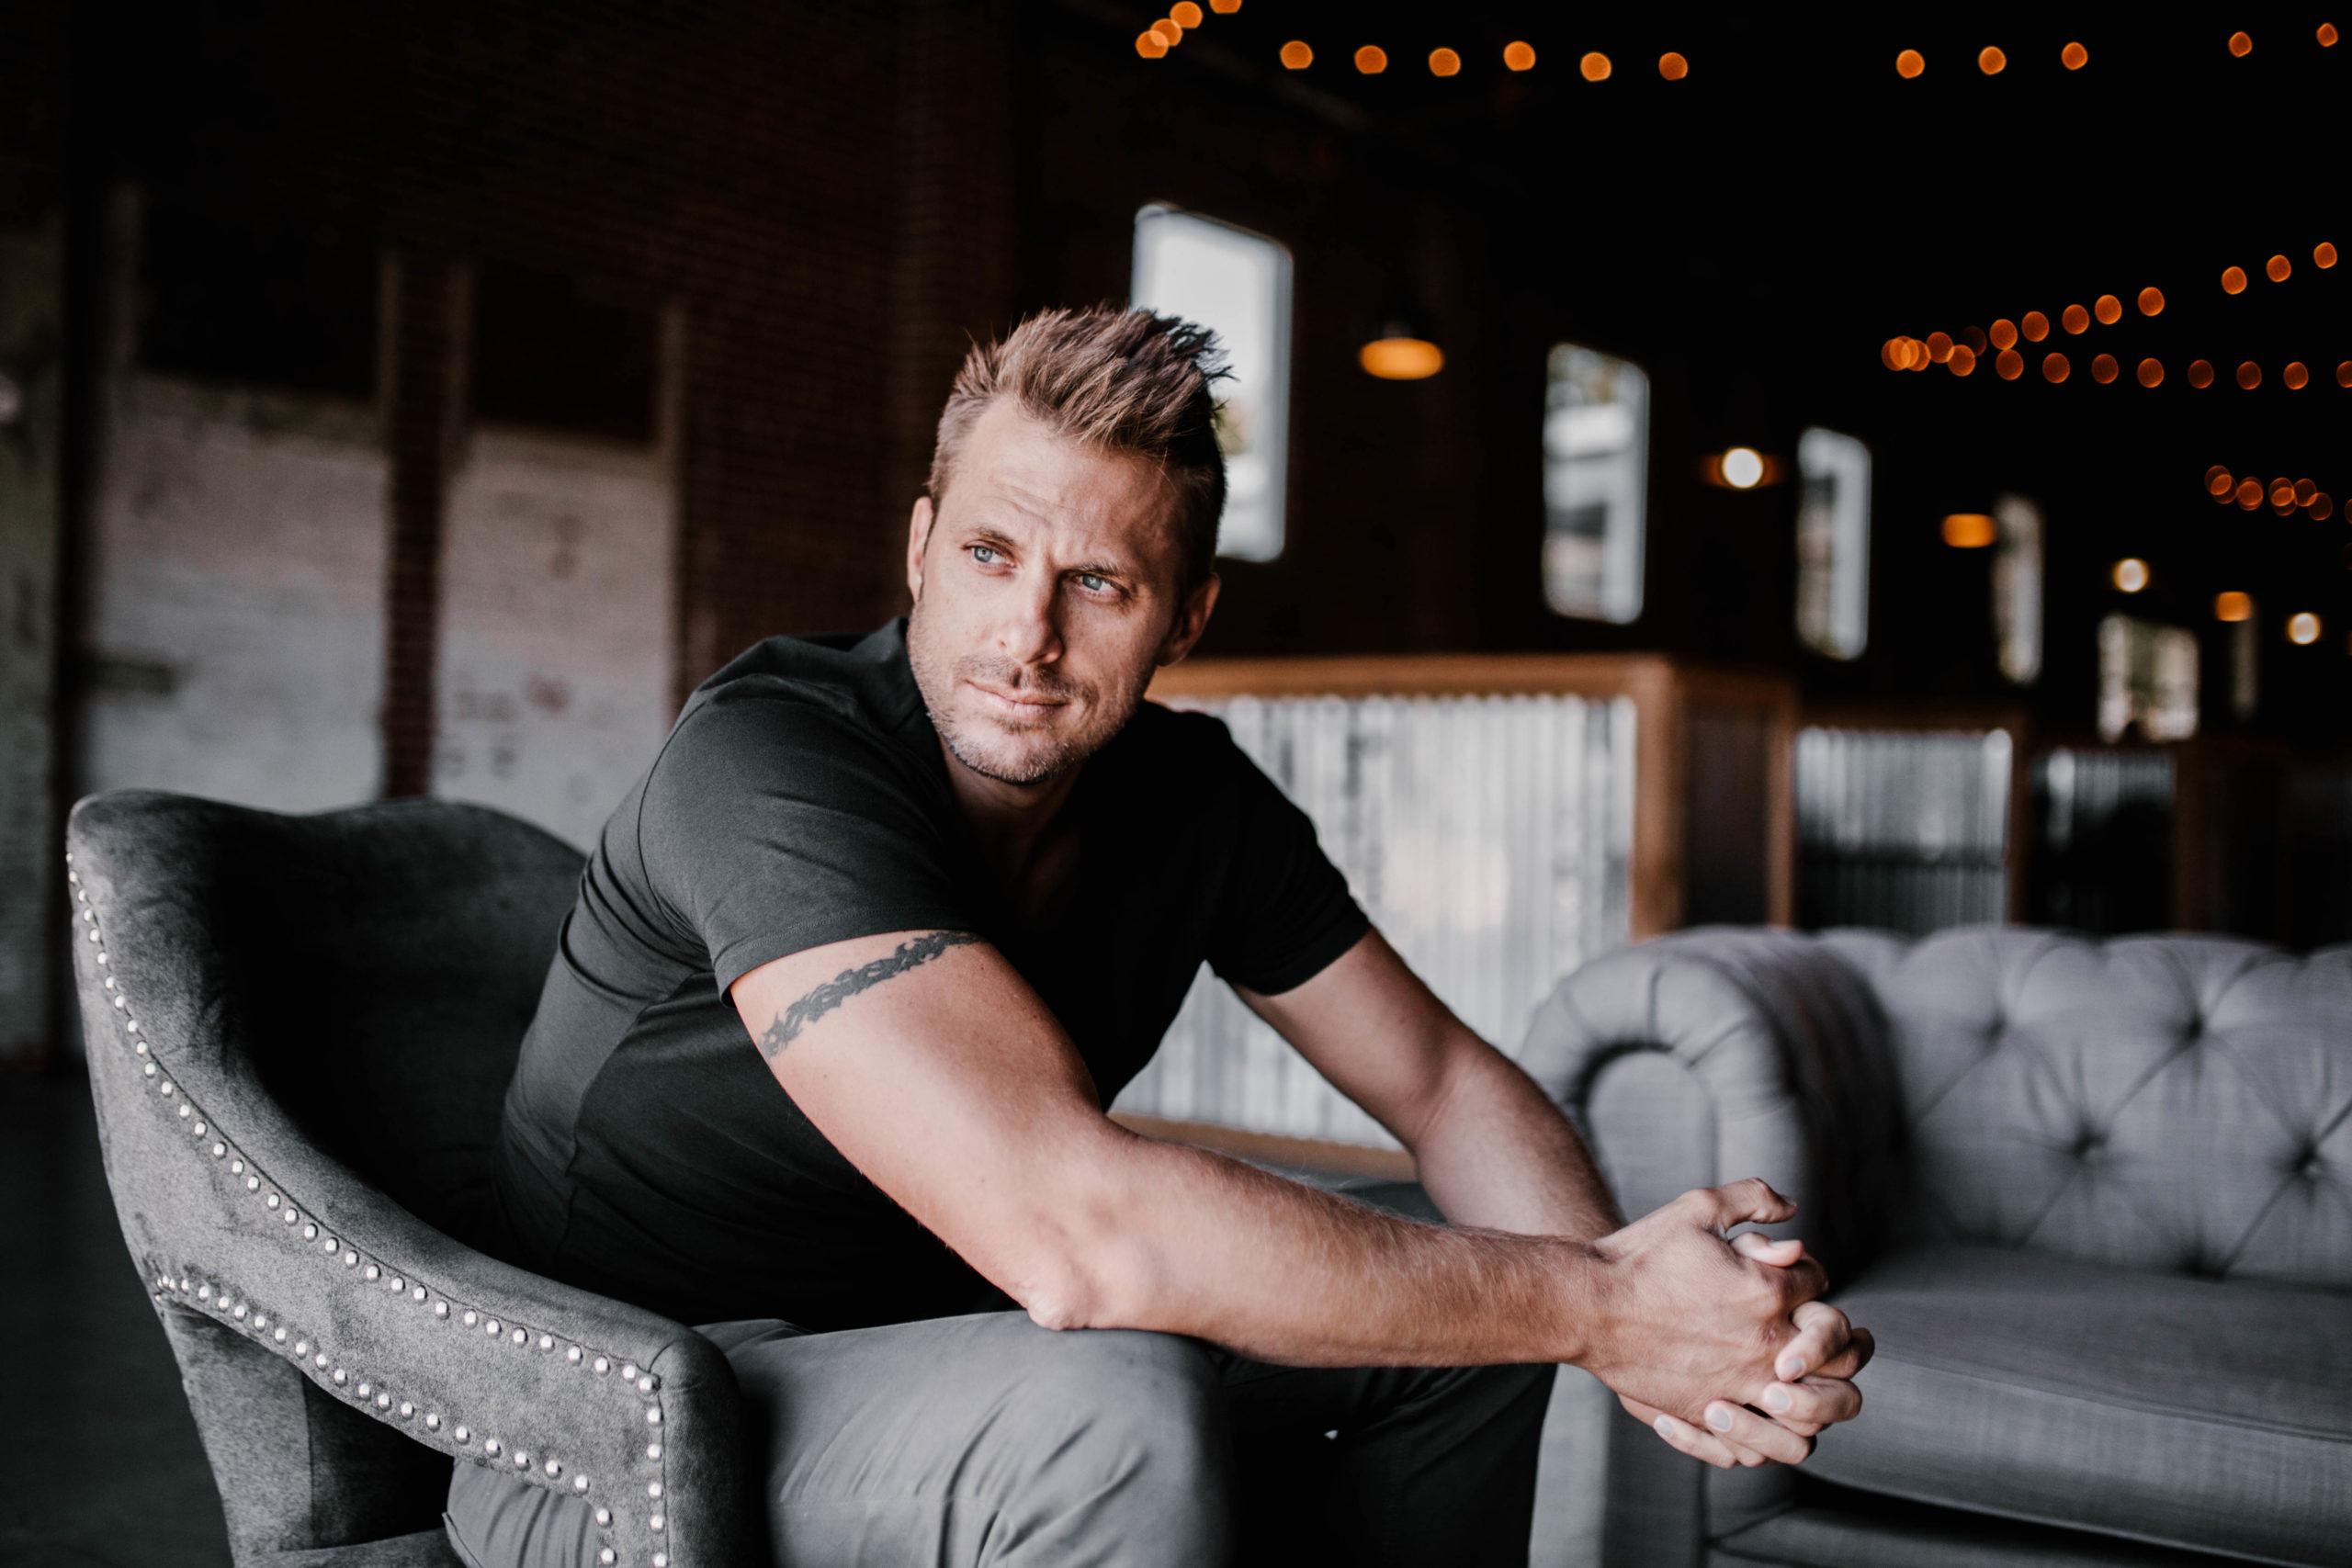 Ryan Alford